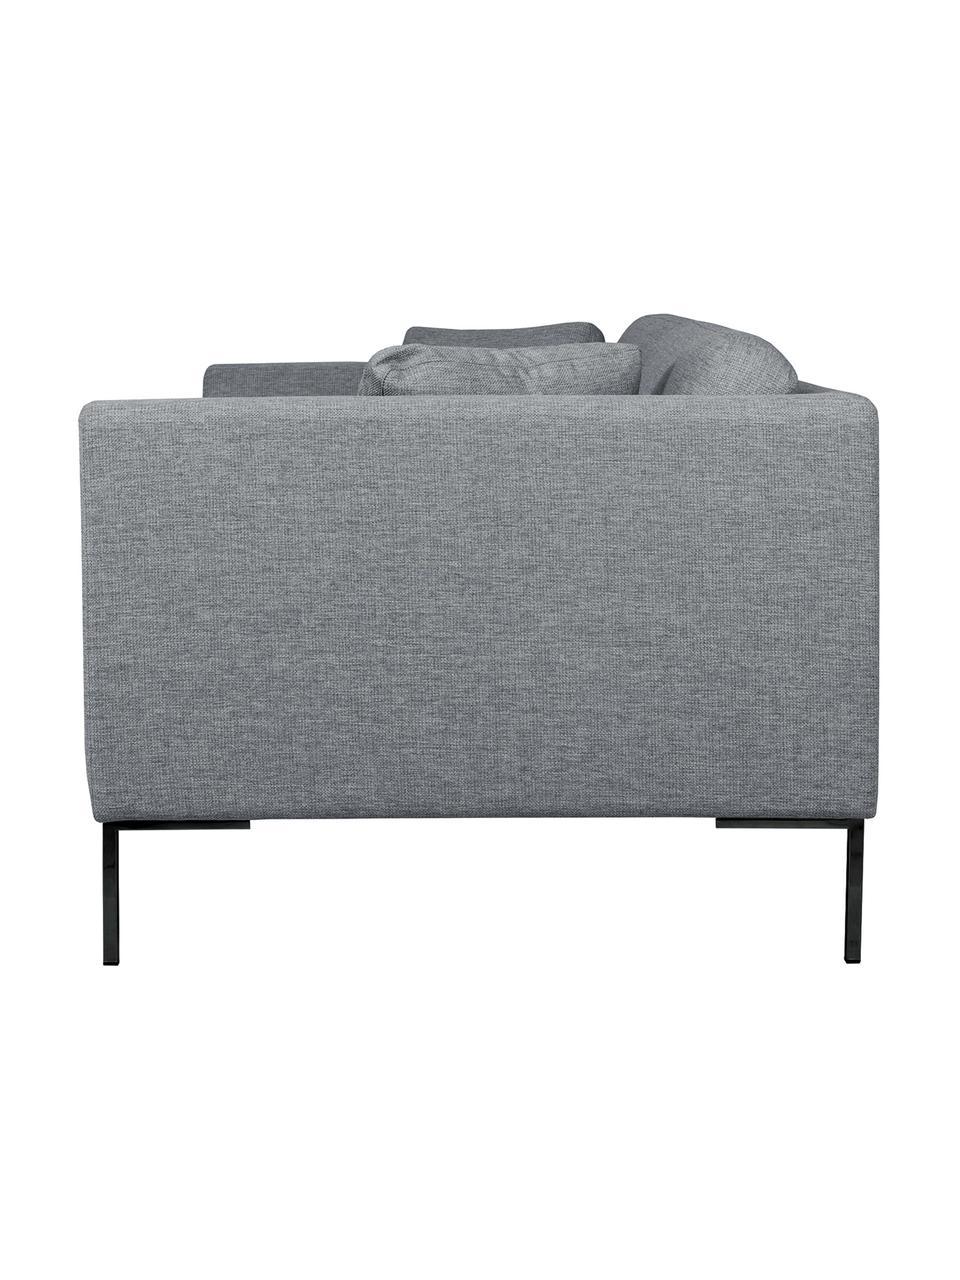 Sofa Emma (3-Sitzer) in Grau mit Metall-Füßen, Bezug: Polyester 100.000 Scheuer, Gestell: Massives Kiefernholz, Füße: Metall, pulverbeschichtet, Webstoff Grau, Füße Schwarz, B 227 x T 100 cm